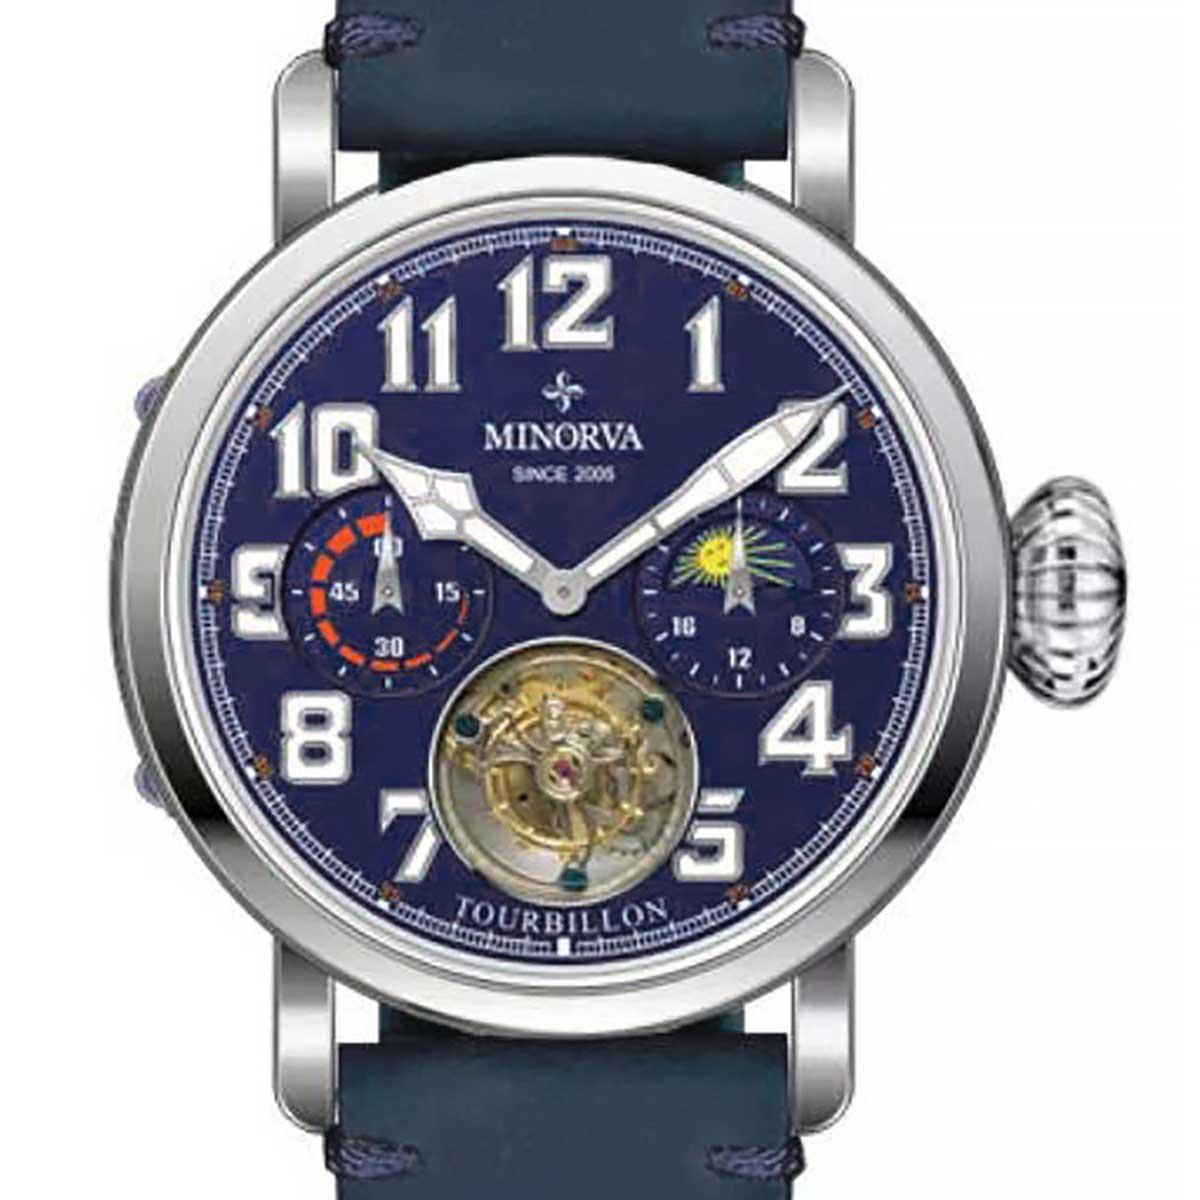 【新入荷】MINORVA ミノルヴァ 自動巻トゥールビヨン 腕時計 [JL013.2] 正規輸入品 パワーリザーブ表示  サン&ムーン